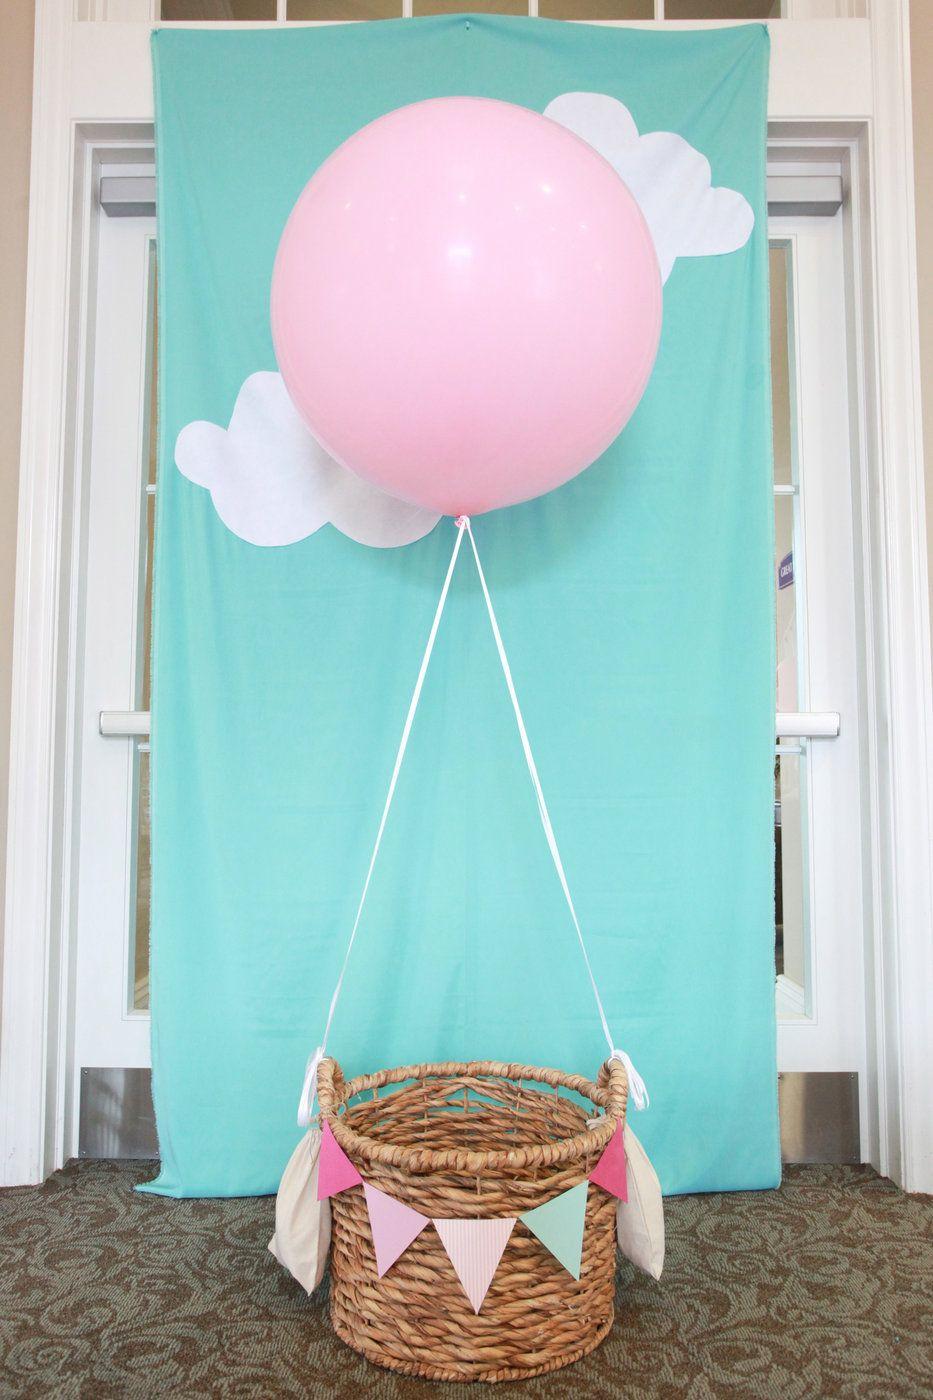 Foto hintergrund supers mit ballon f r baby party - Baby shower ideen ...